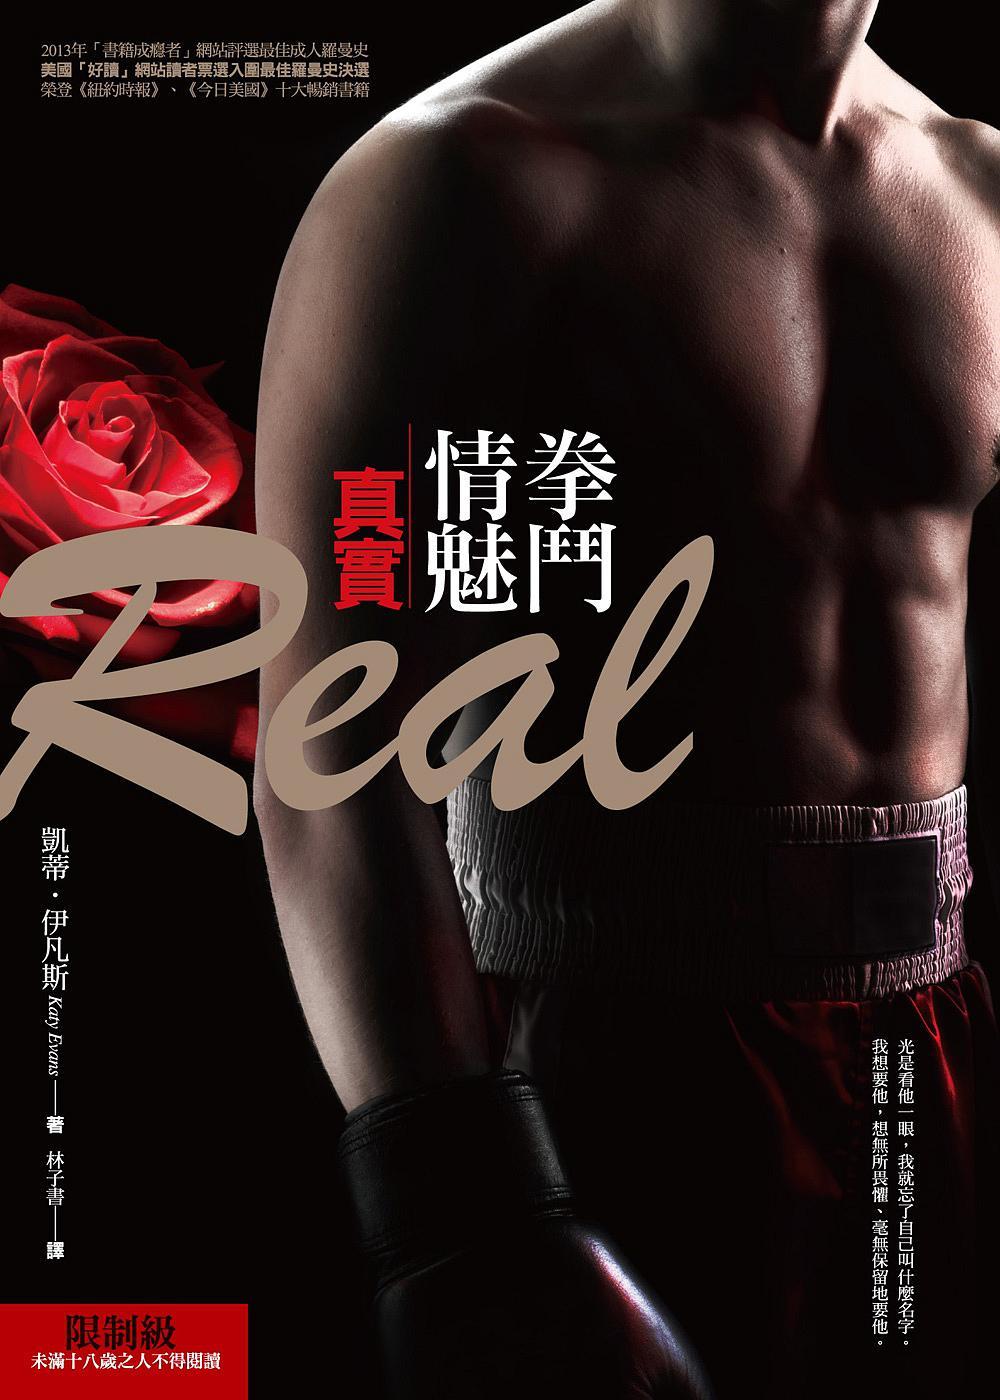 拳鬥情魅:真實 Real